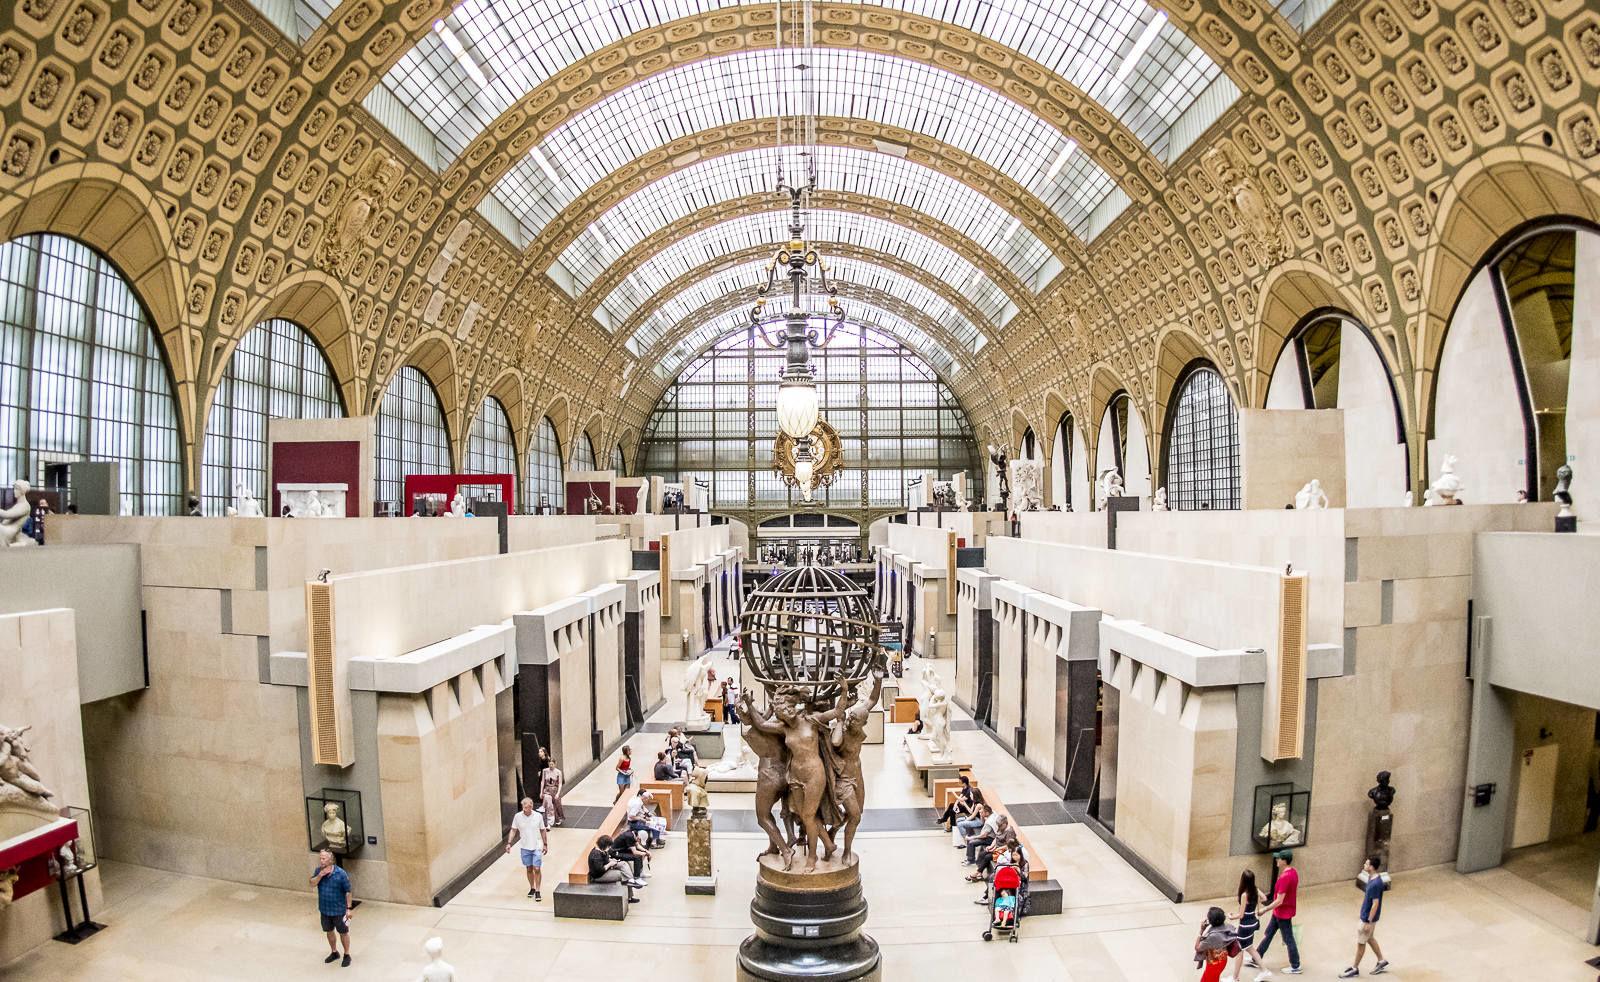 Musee d'Orsay Panorama - Paris